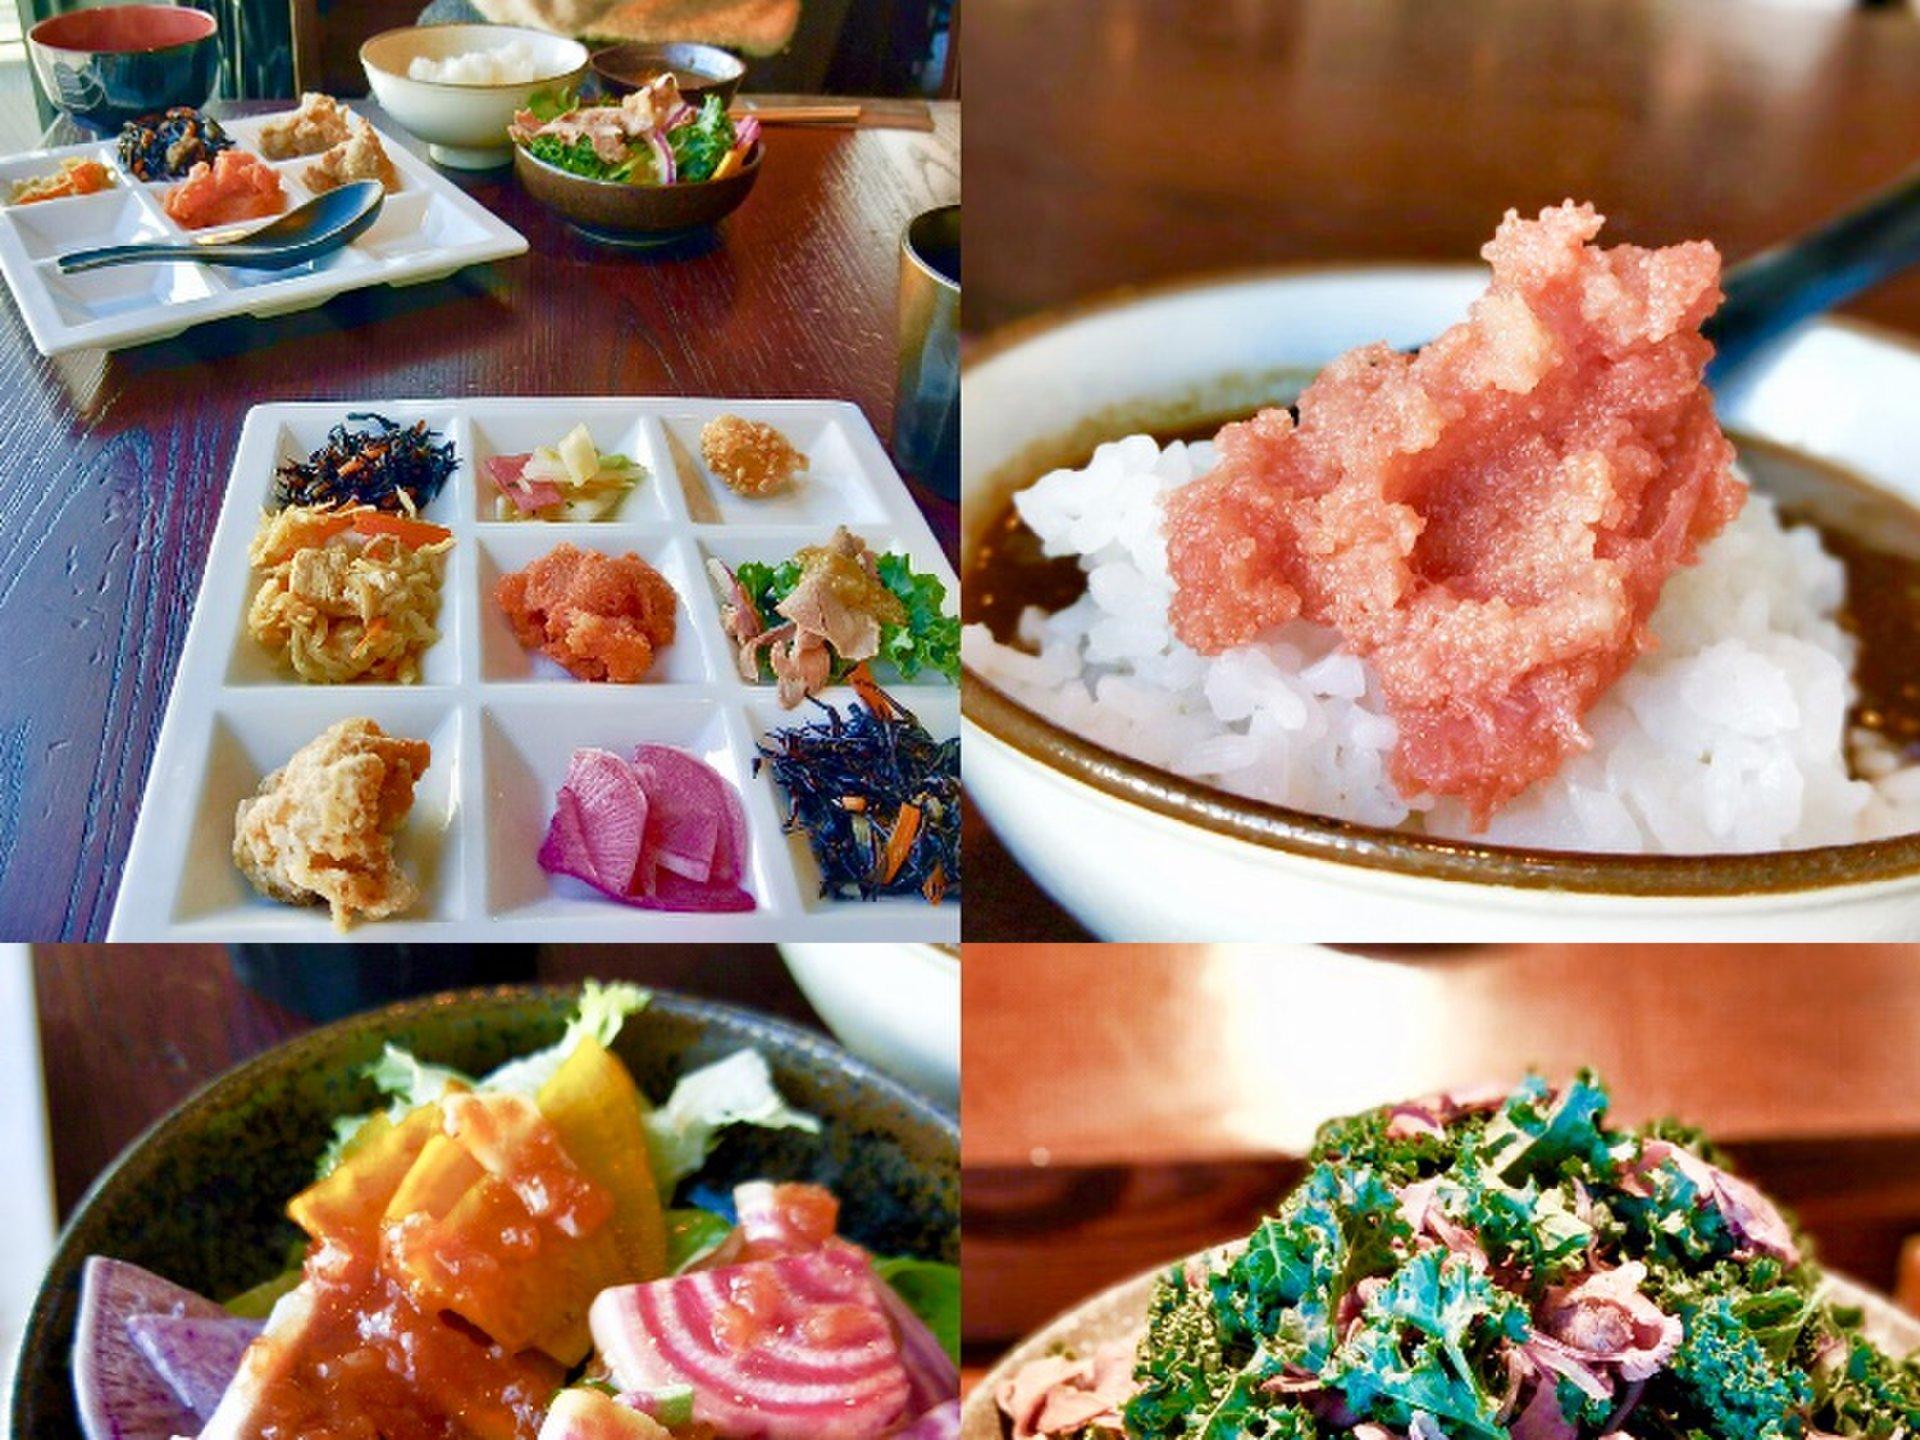 ローストビーフも食べ放題!明太子も激ウマカレーも♡渋谷おすすめ「もつ吉」で絶品ランチ。土日も営業♪